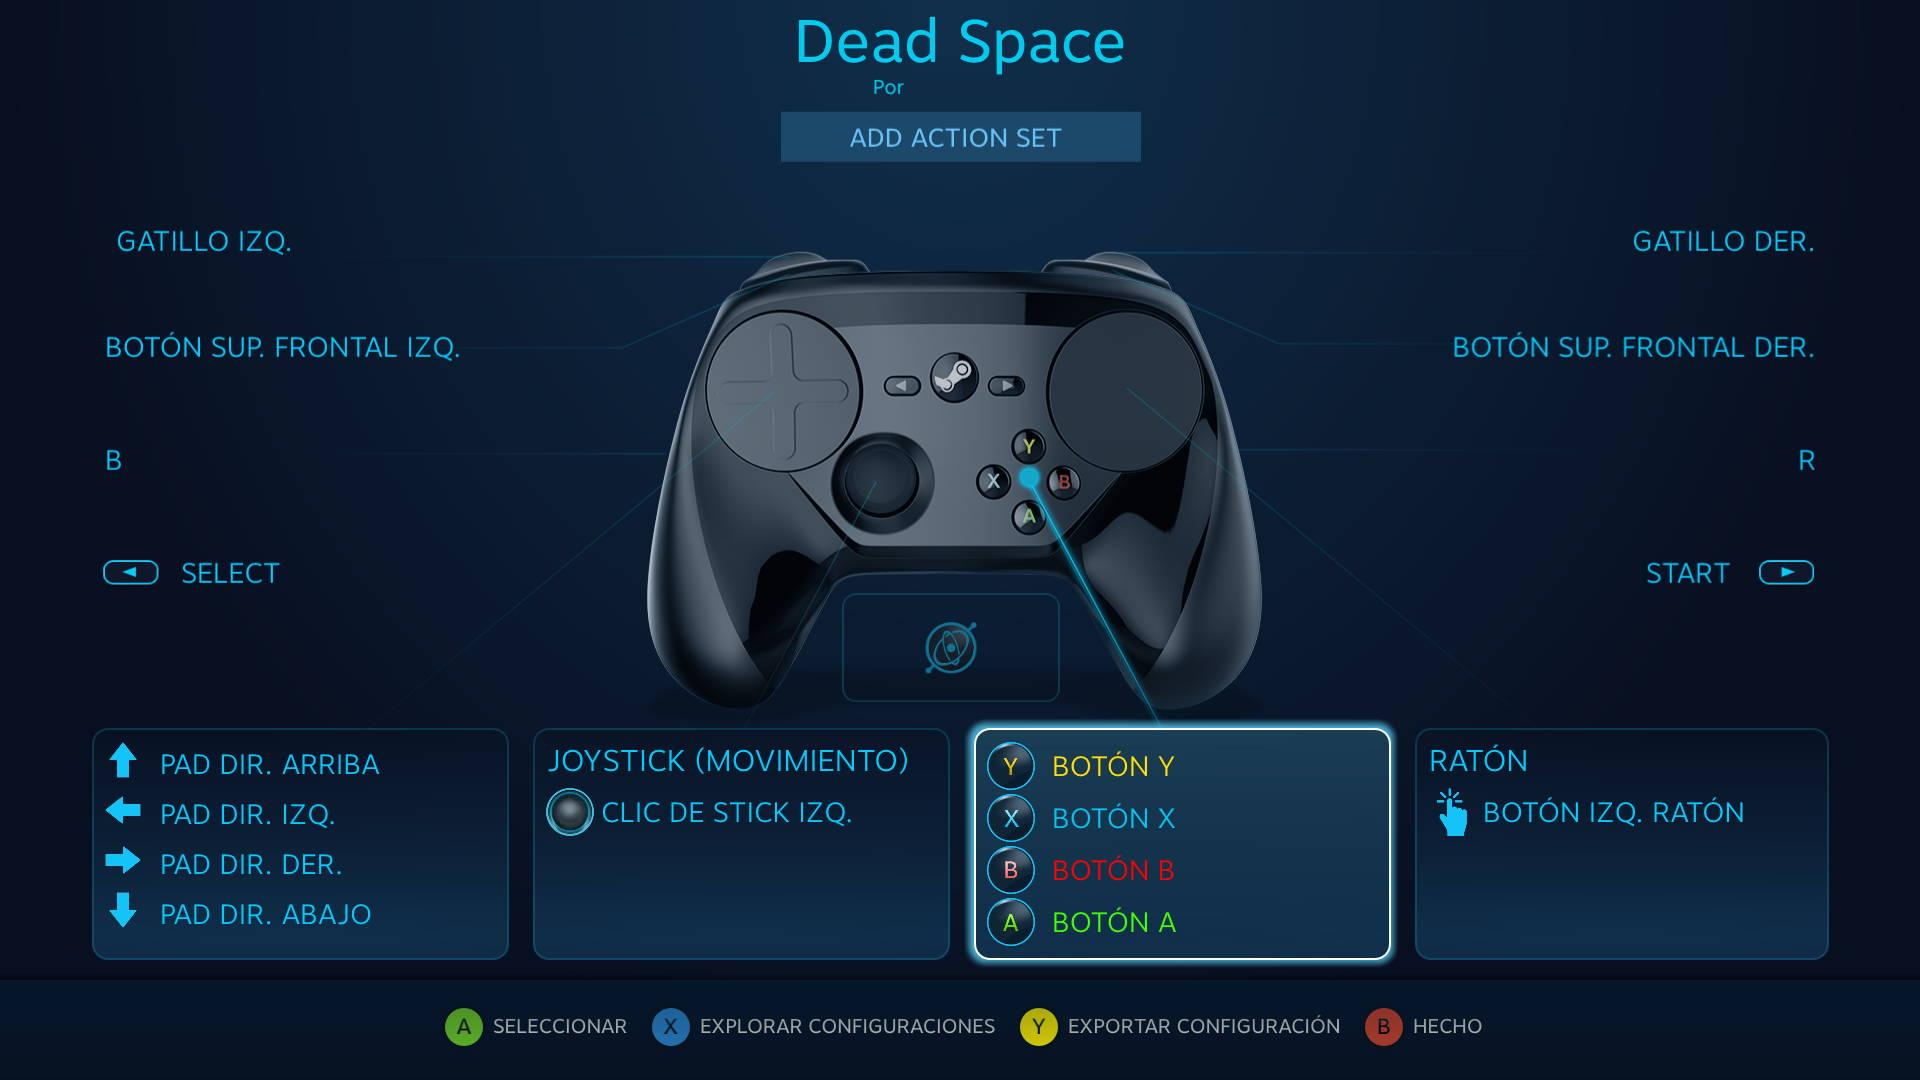 Controles Dead Space general